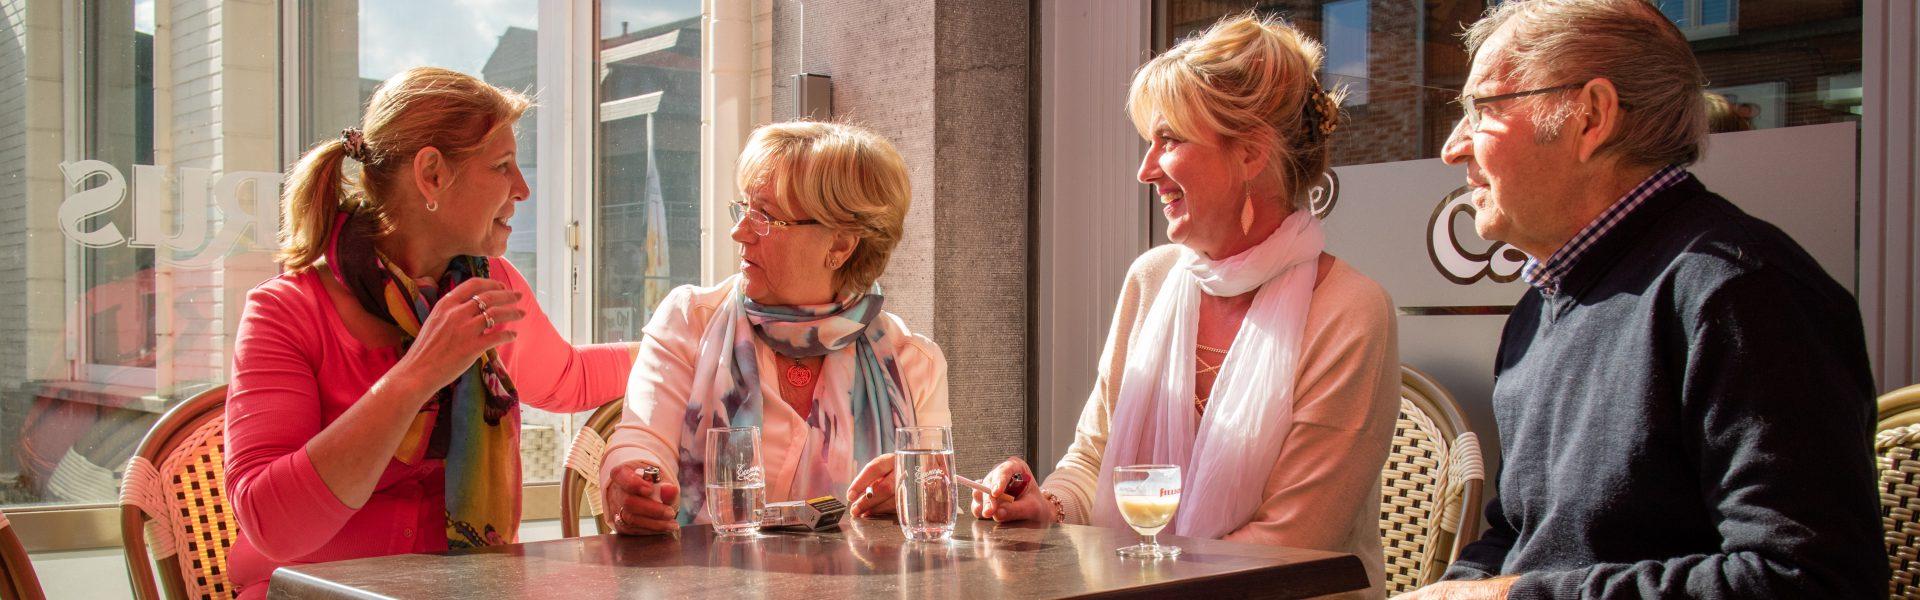 Café De Medard